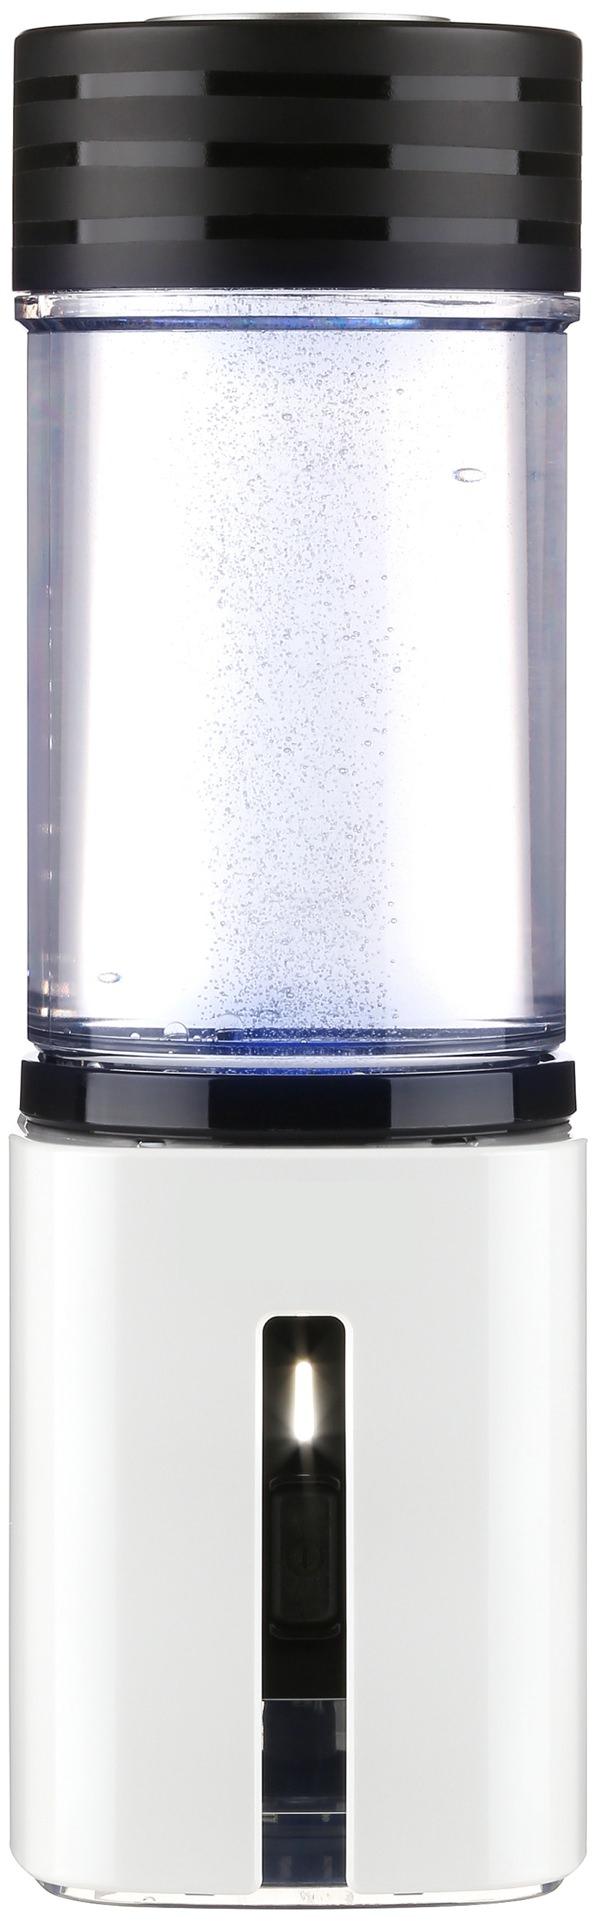 AquaVolta Wasserstoff Booster portable PEM Hydrogen generator mit Druckgefäß für Wasserstoff-Wasser